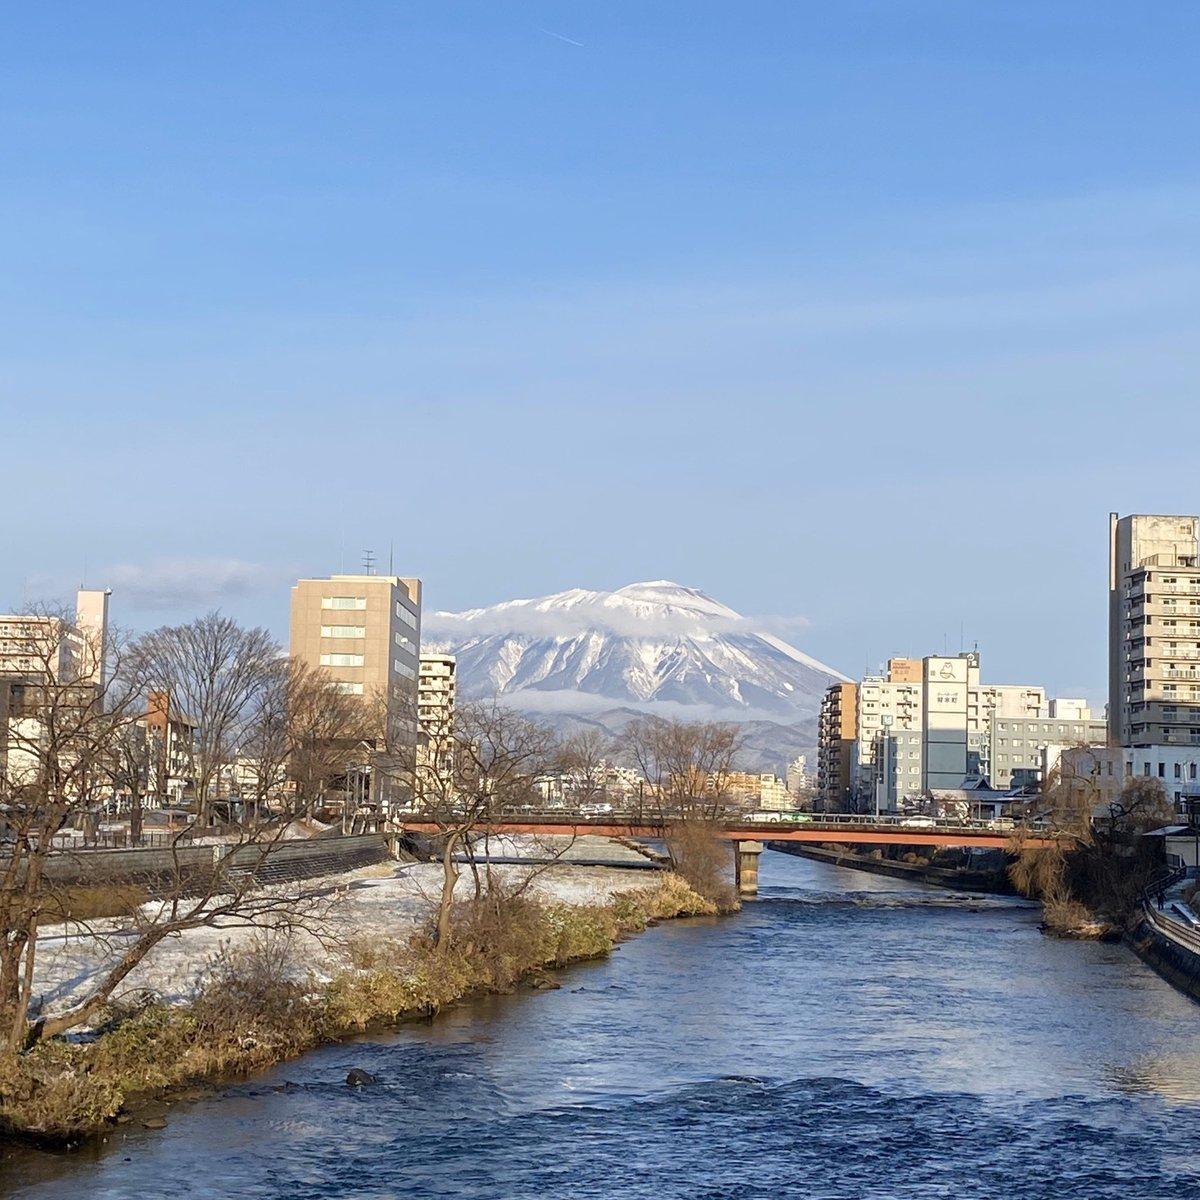 2019/12/26 盛岡市の開運橋から撮影。みなさま、体調管理に気をつけてお過ごしください。 #岩手 #盛岡 #北上川 #岩手山 #岩手においでよ